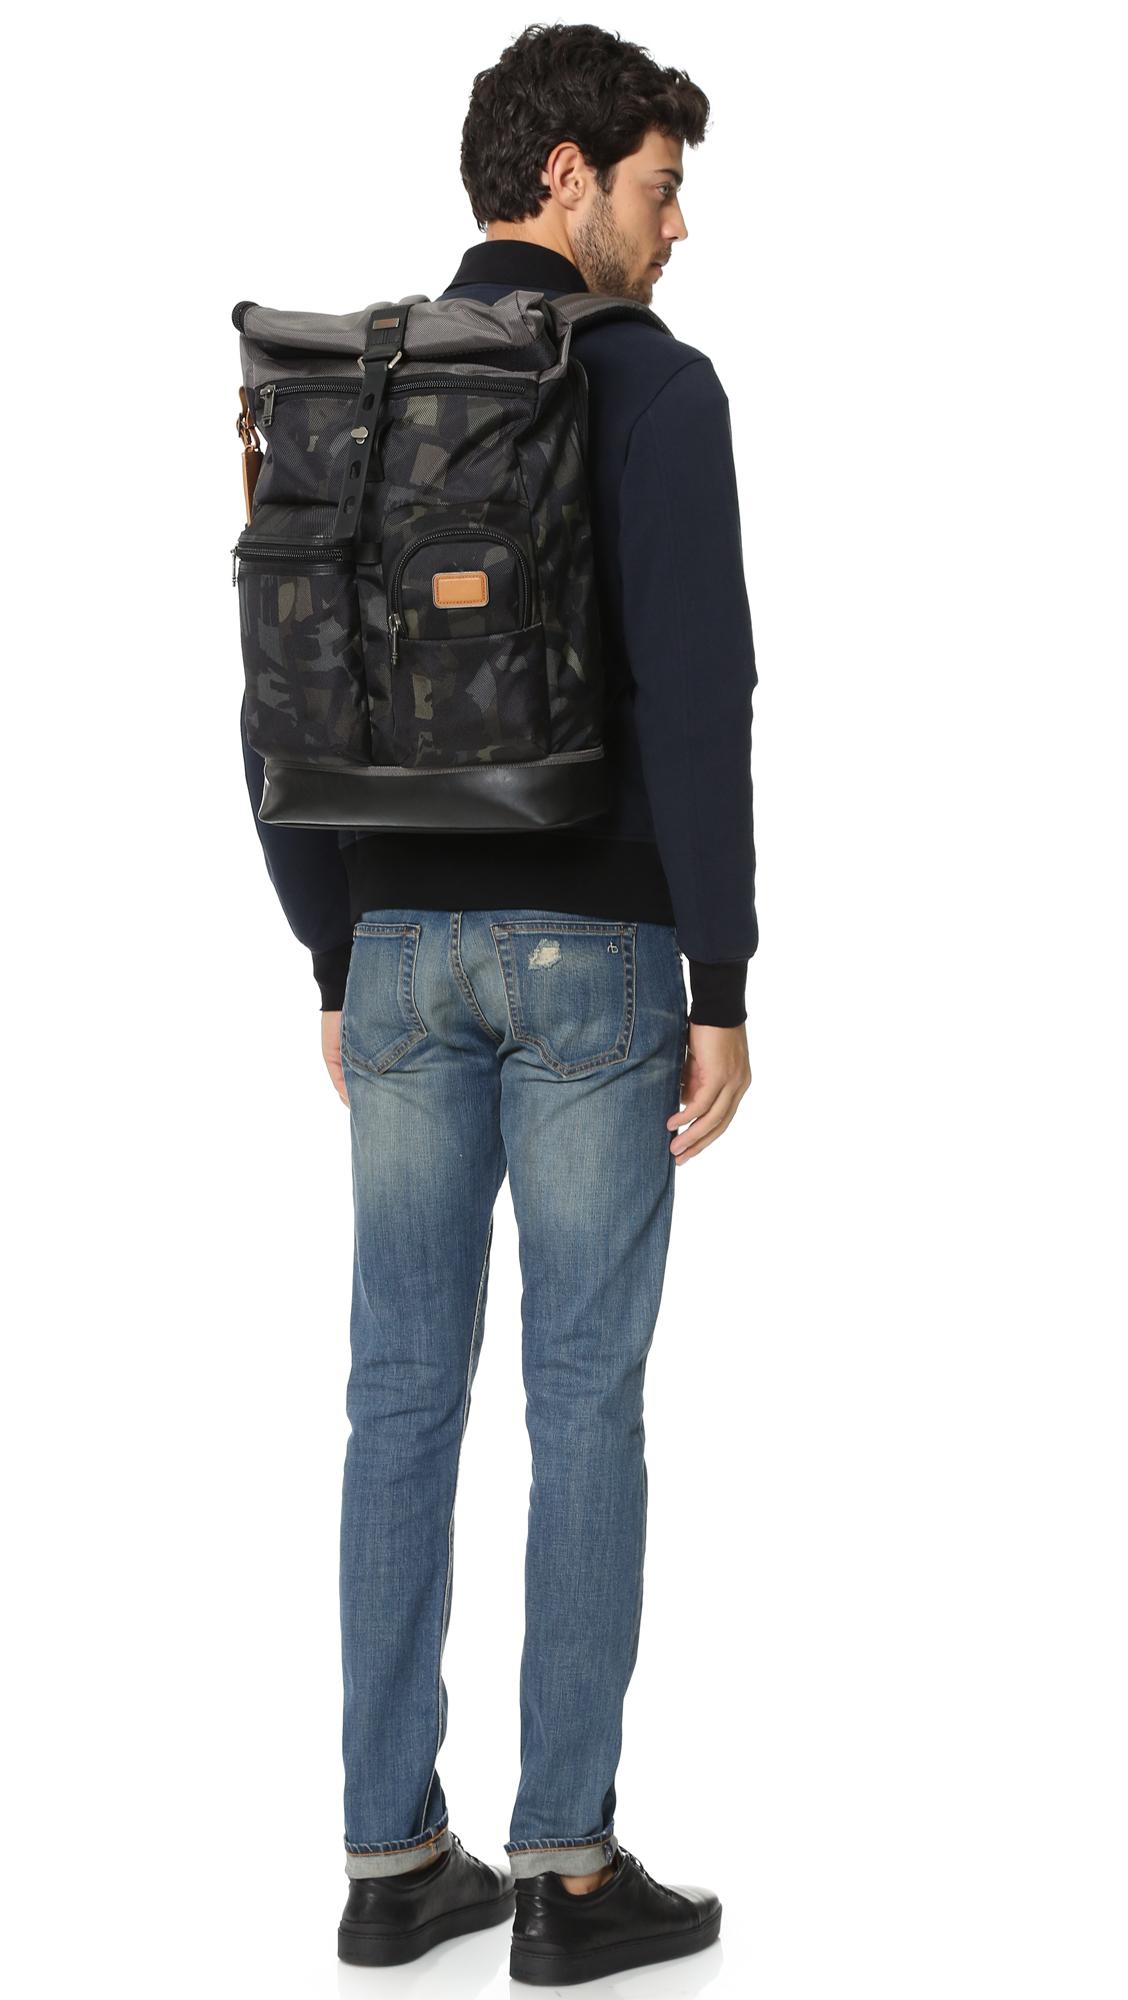 Tumi Alpha Bravo Luke Roll Top Backpack in Gray for Men